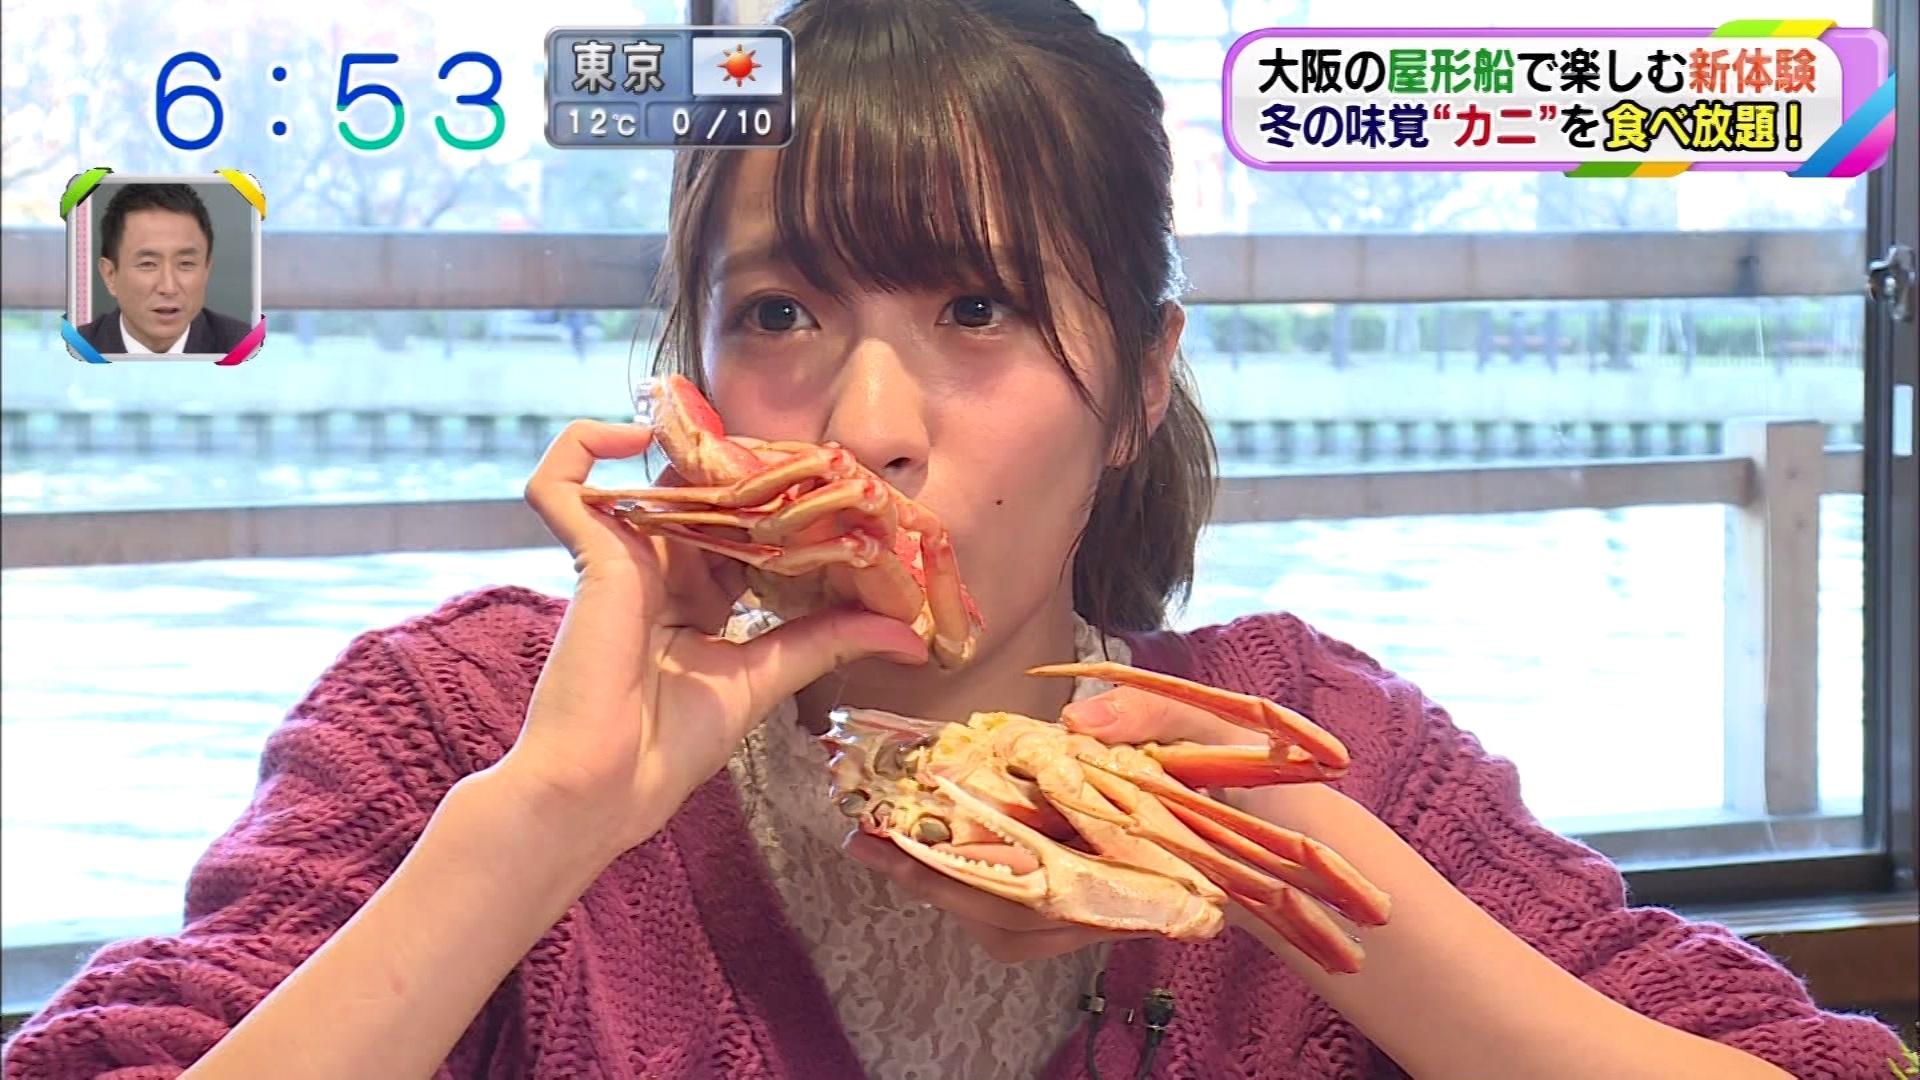 【小嶋花梨】こじりん出演「おはよう朝日です」キャプ画像。初リポートは大阪屋形船でカニ